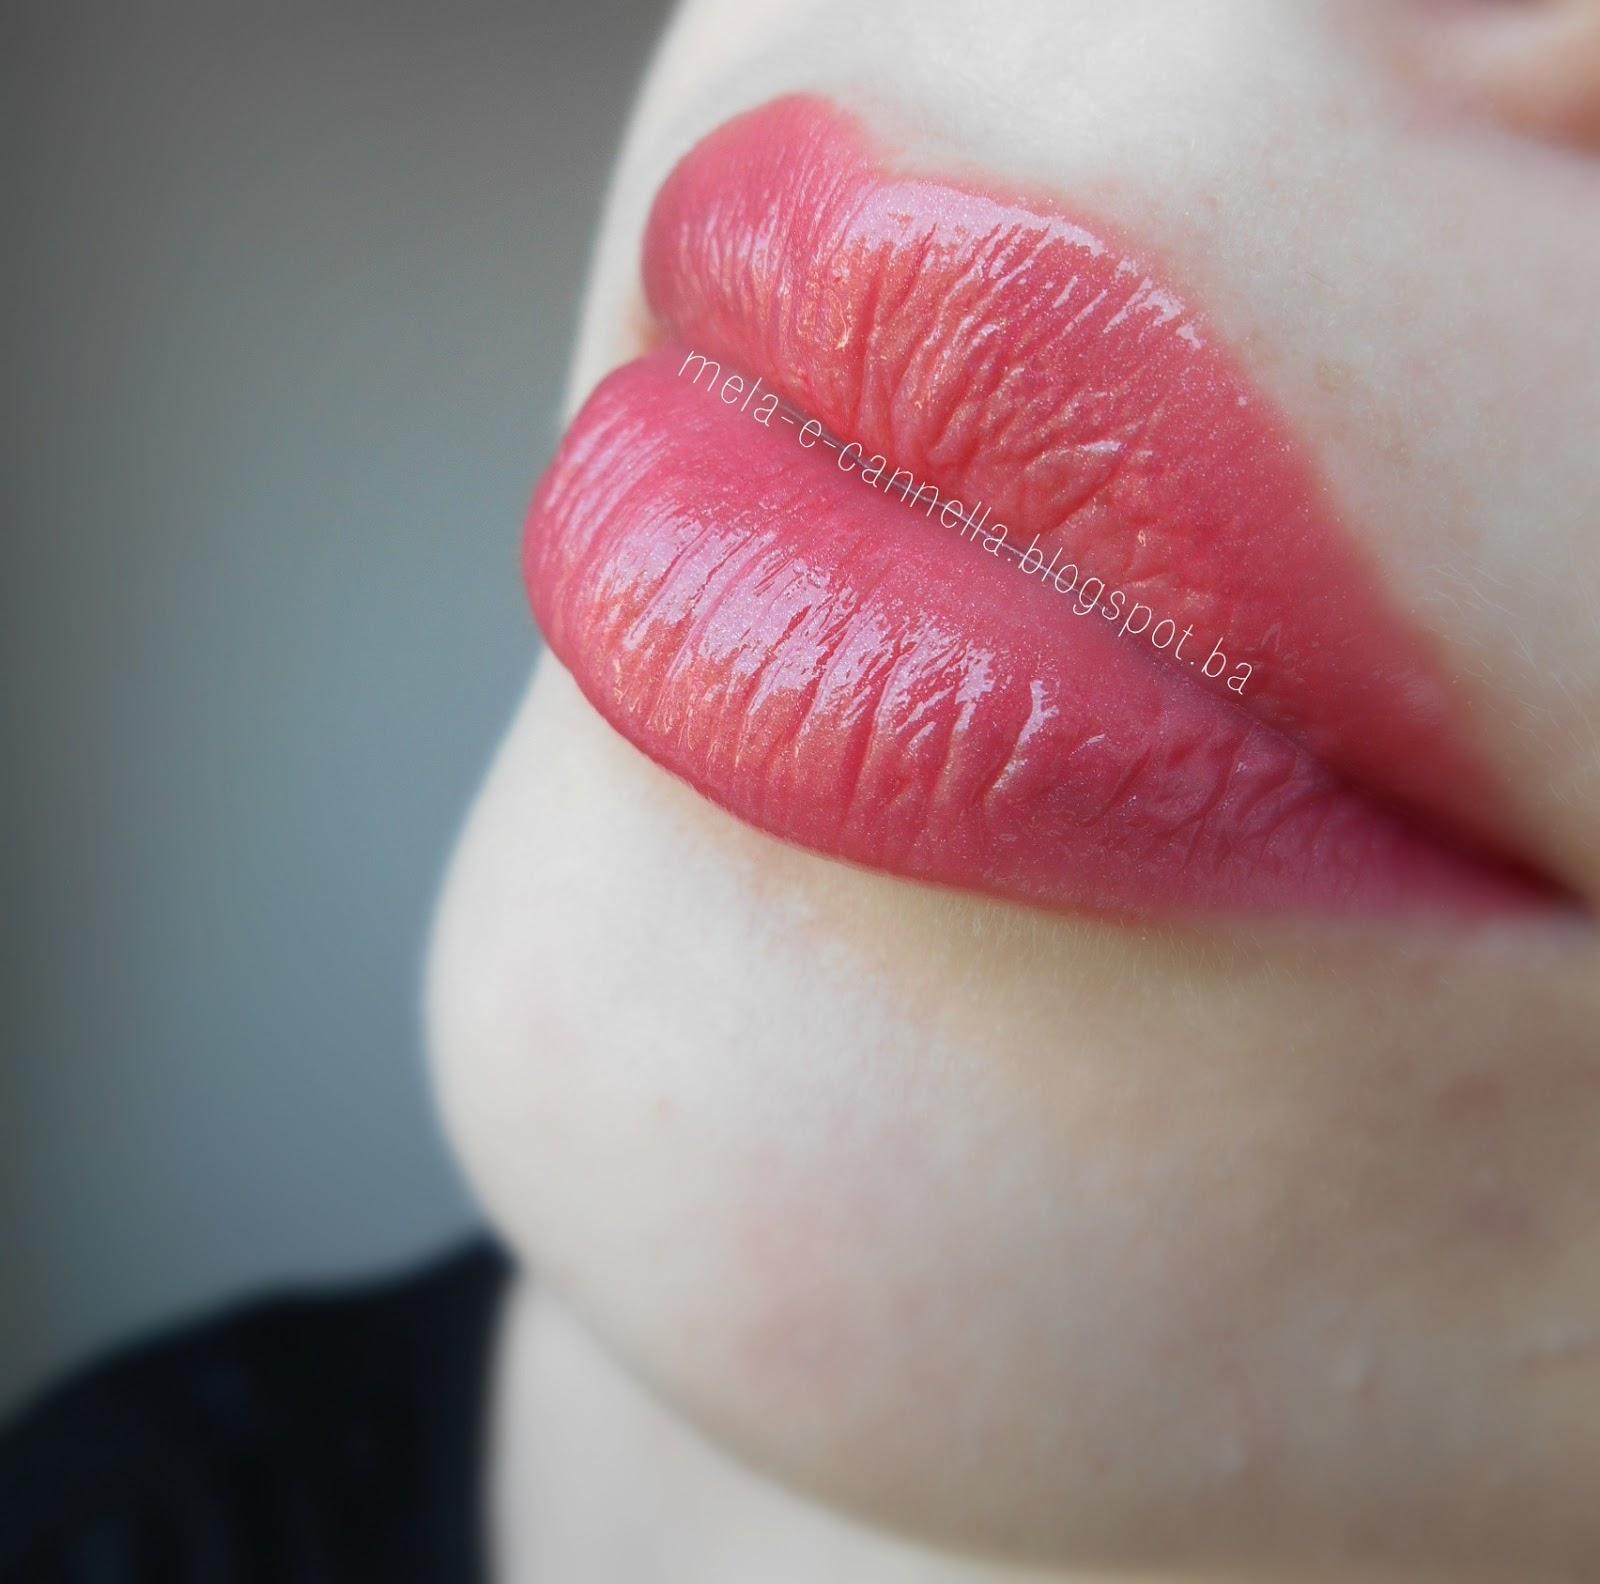 mela-e-cannella  avon - shine burst lipstick